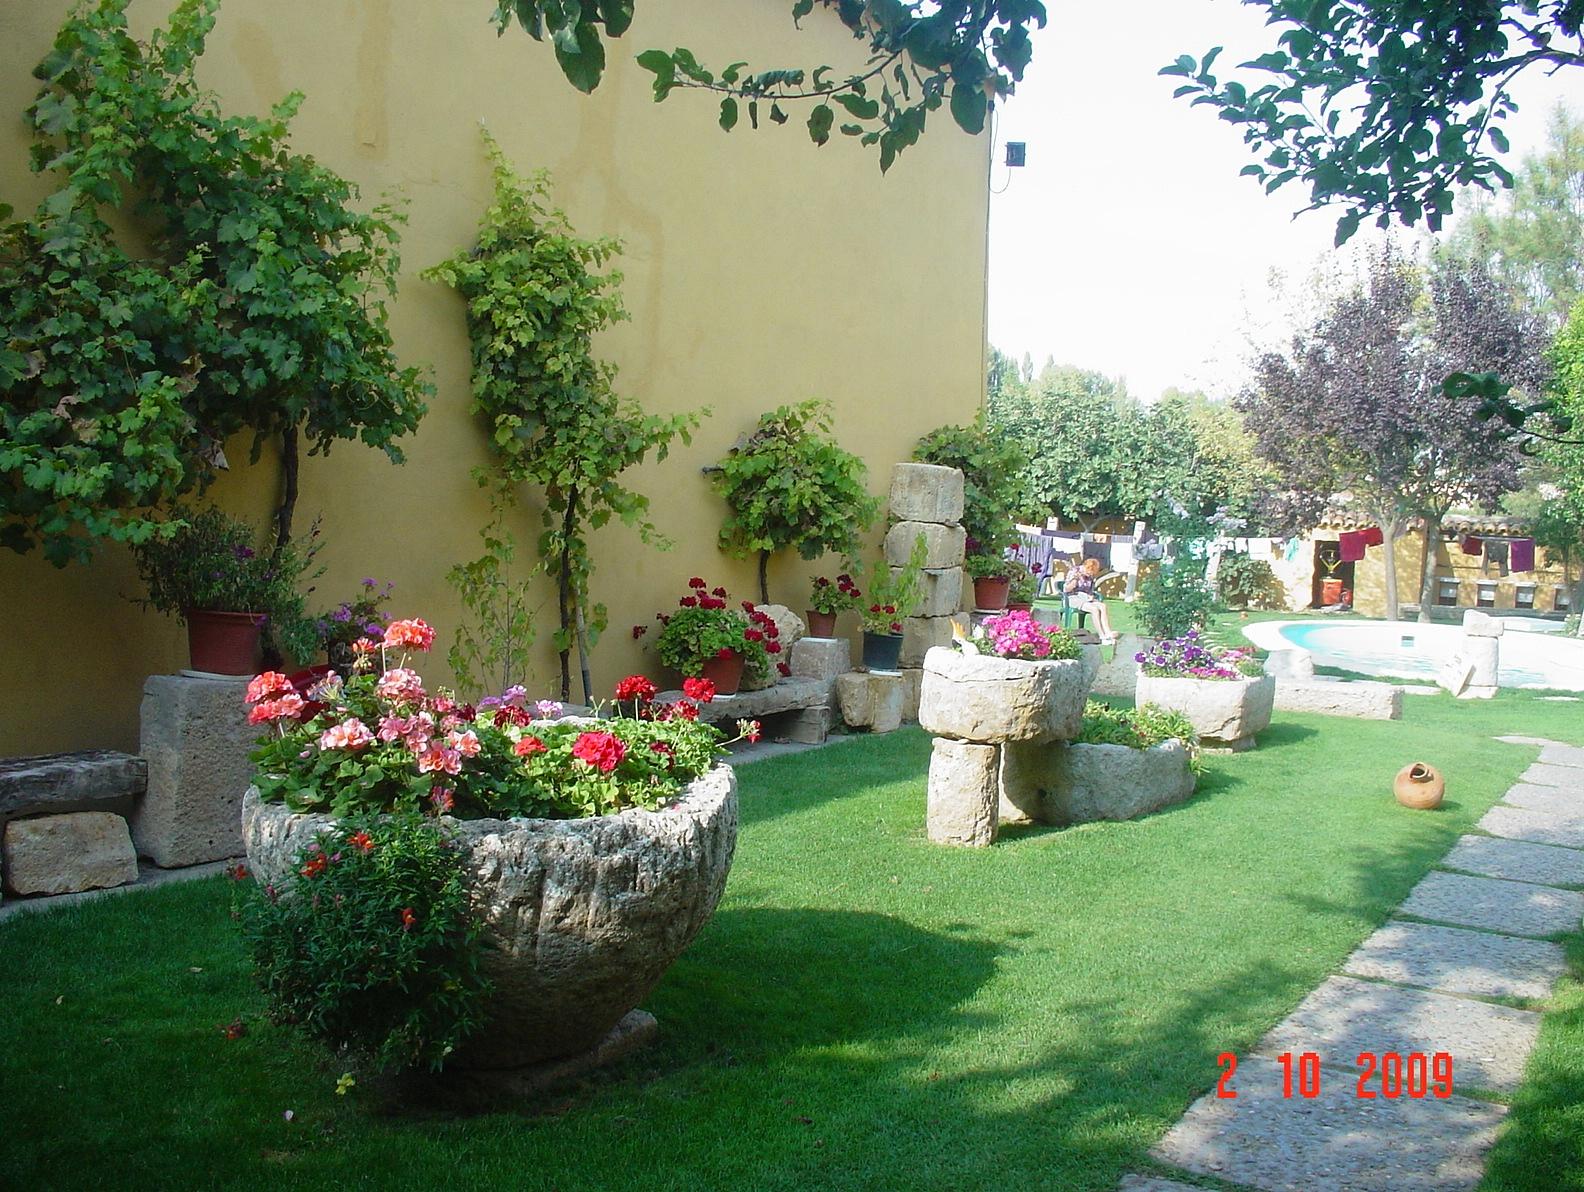 die wunderschöne Herberge mit einer einzigartigen Gartenanlage